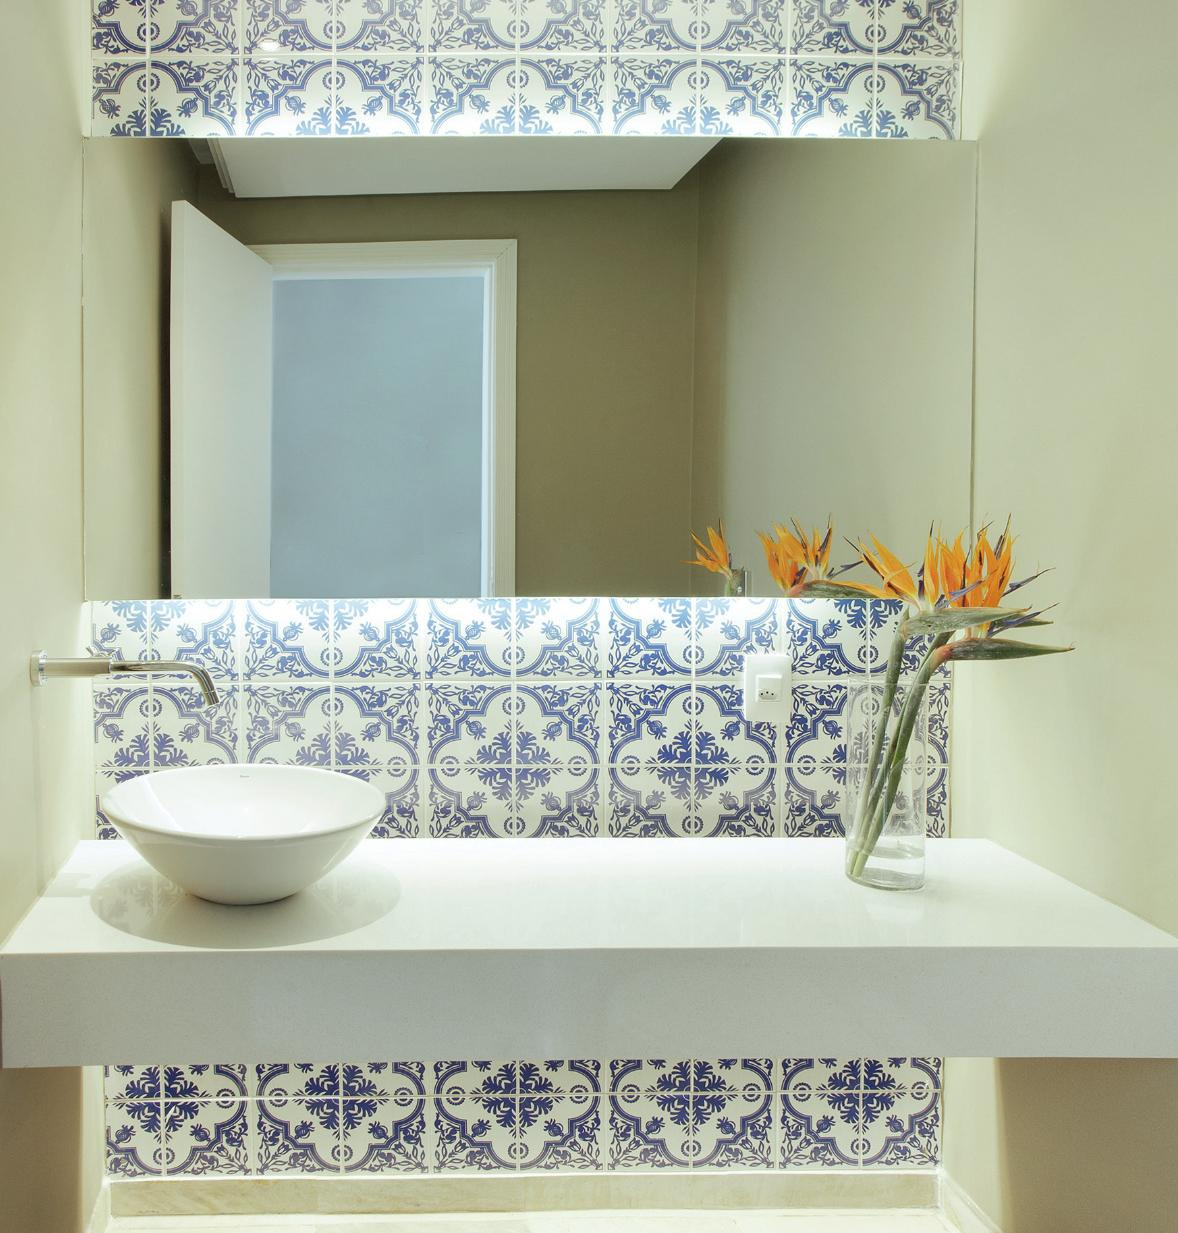 blog de decoração Arquitrecos: Soluções para banheiros pequenos  #A27129 1178x1233 Azulejo Para Banheiro Decorado